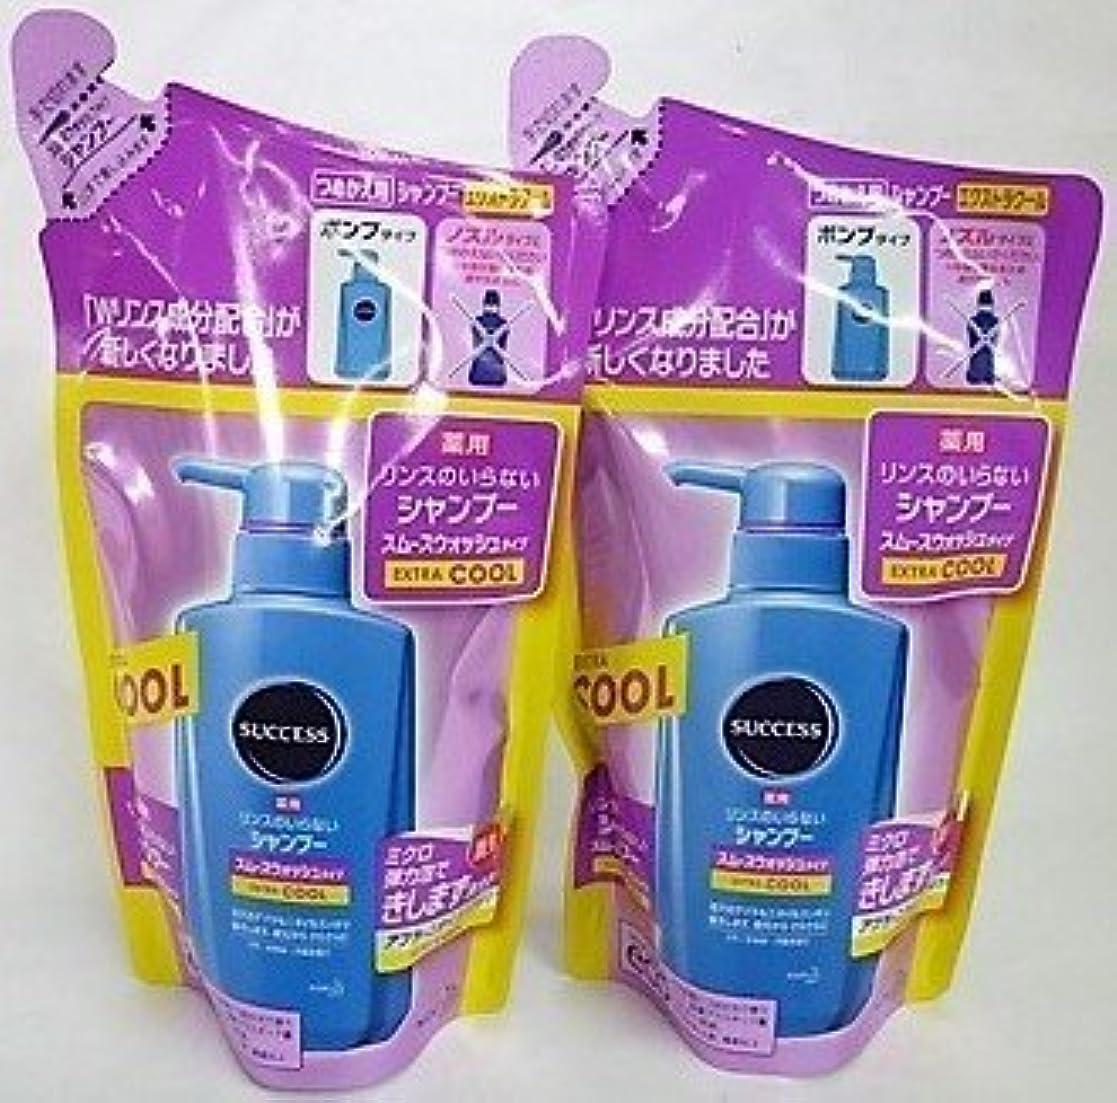 アレルギー池明確な[2個セット]サクセス薬用シャンプー スムースウォッシュ エクストラクール つめかえ用(リンスインシャンプー)  320ml入り×2個